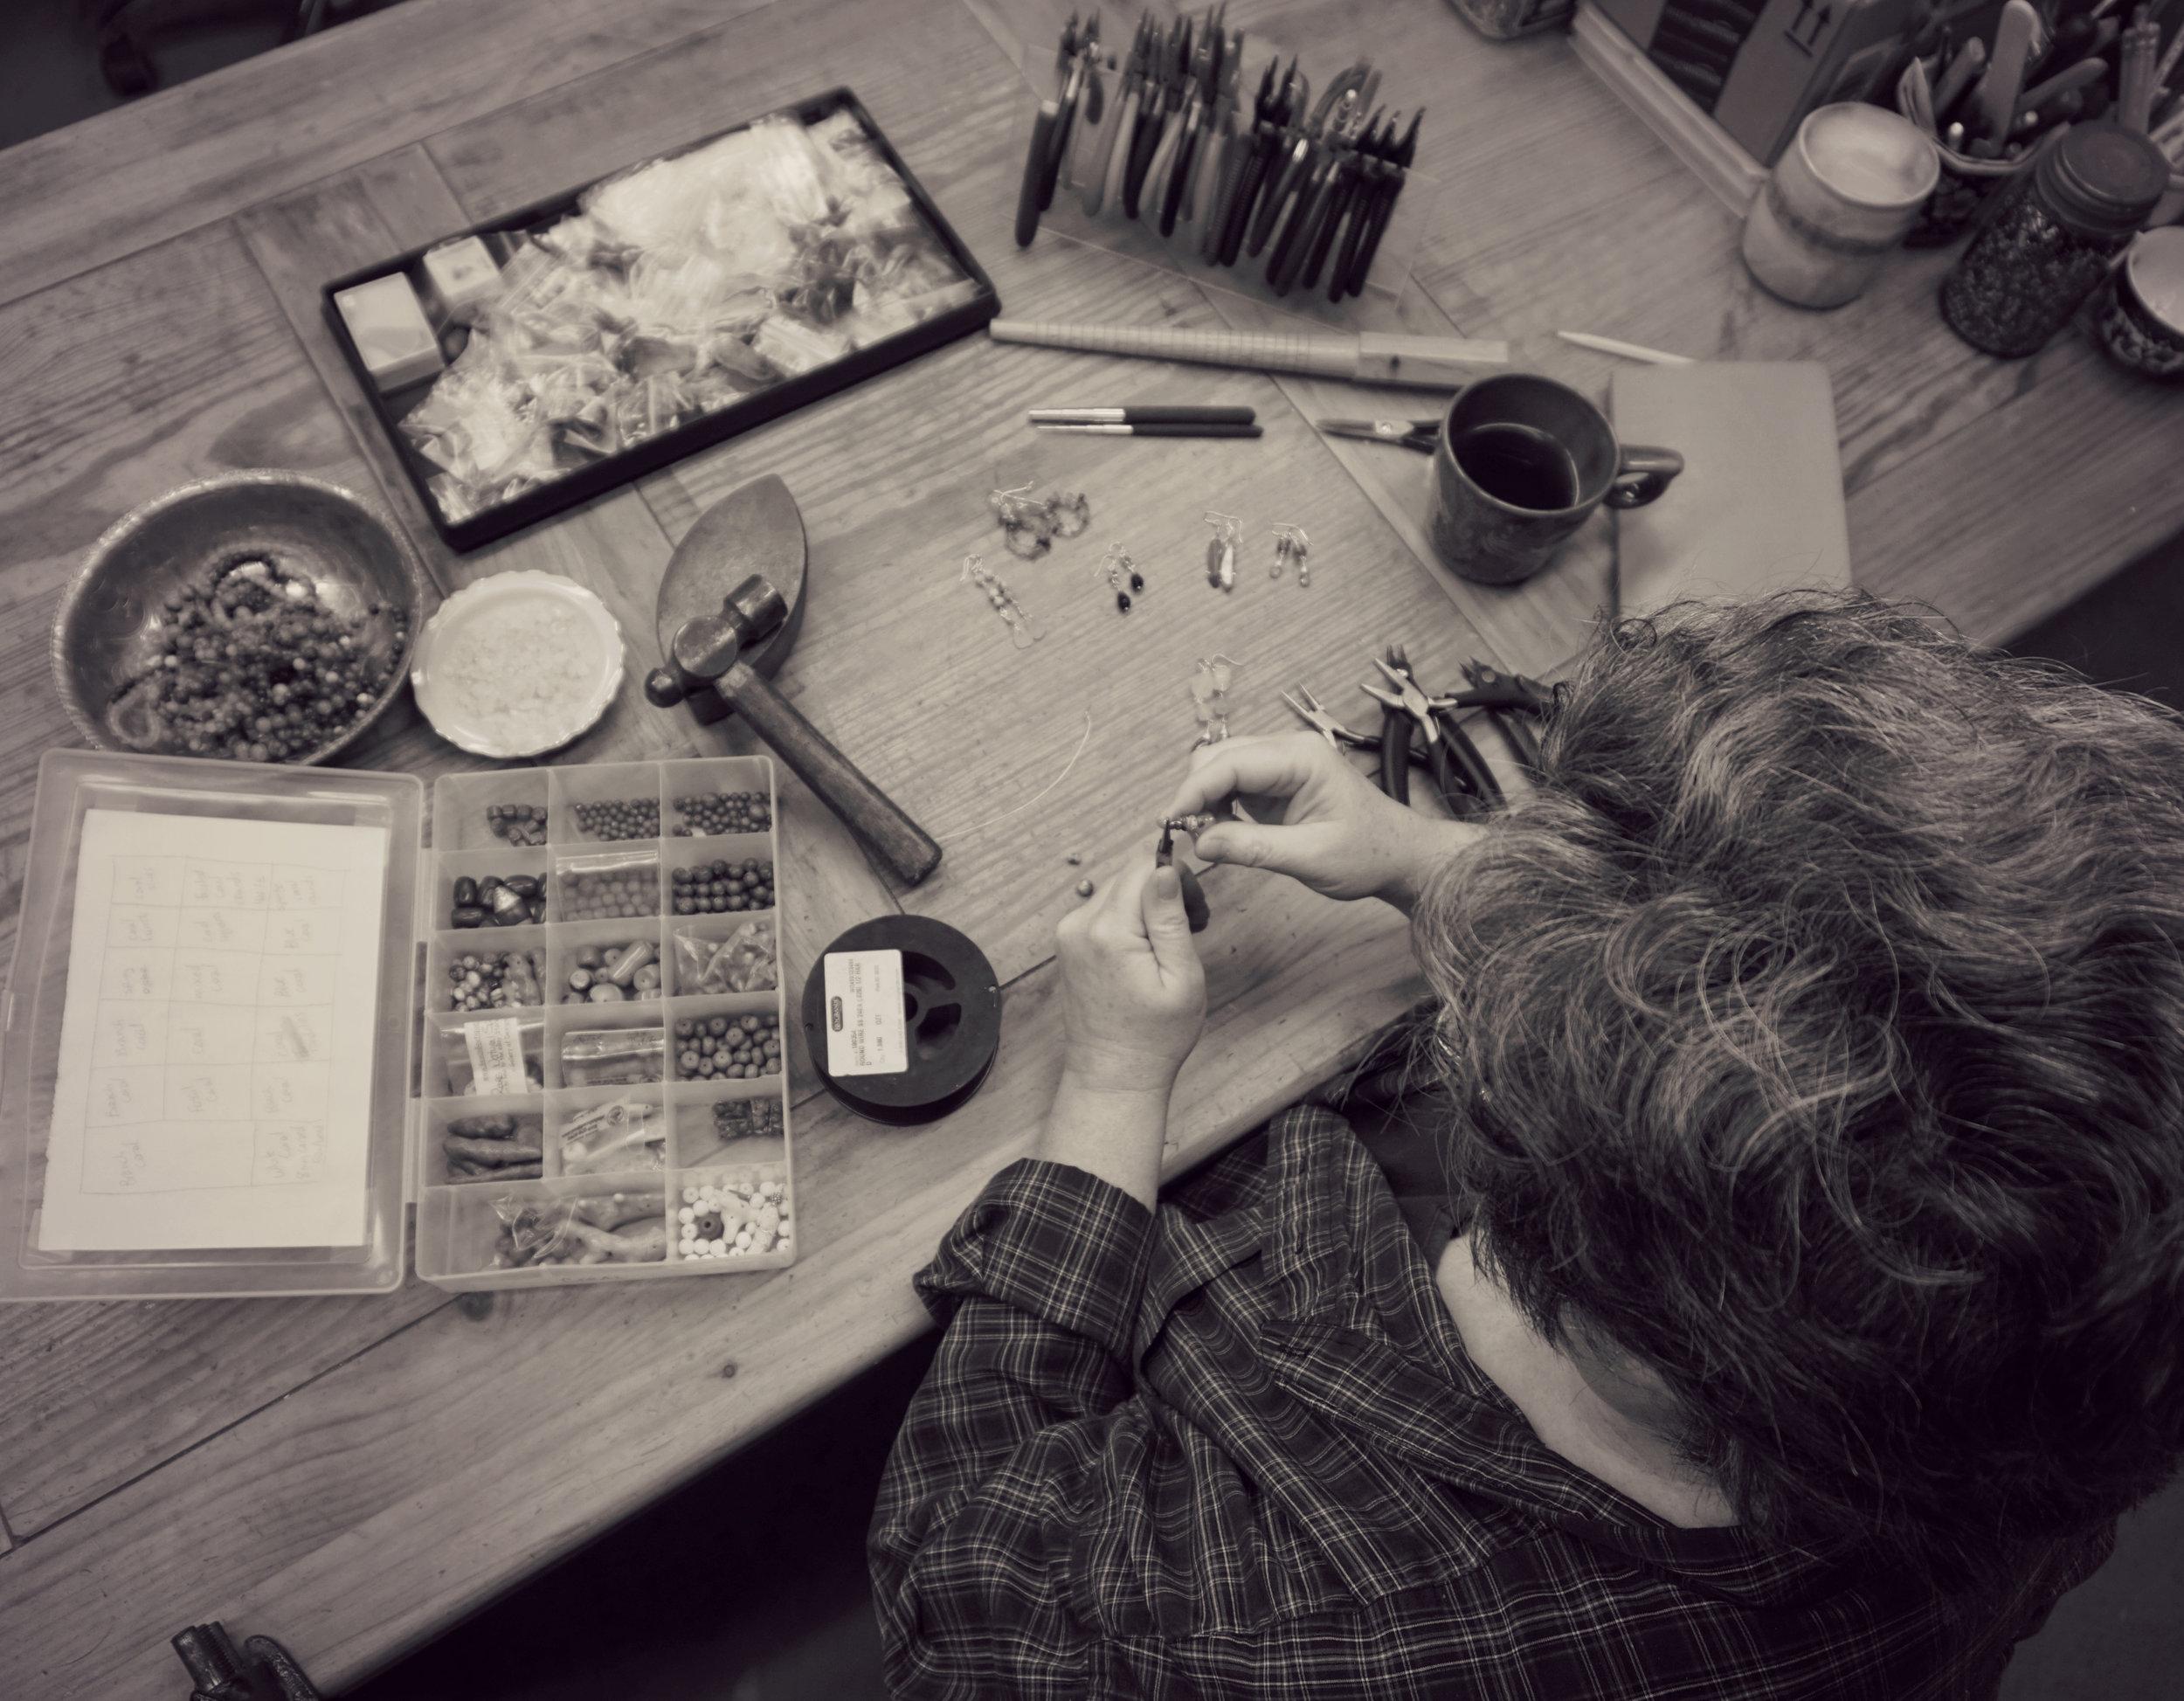 ... in my home studio